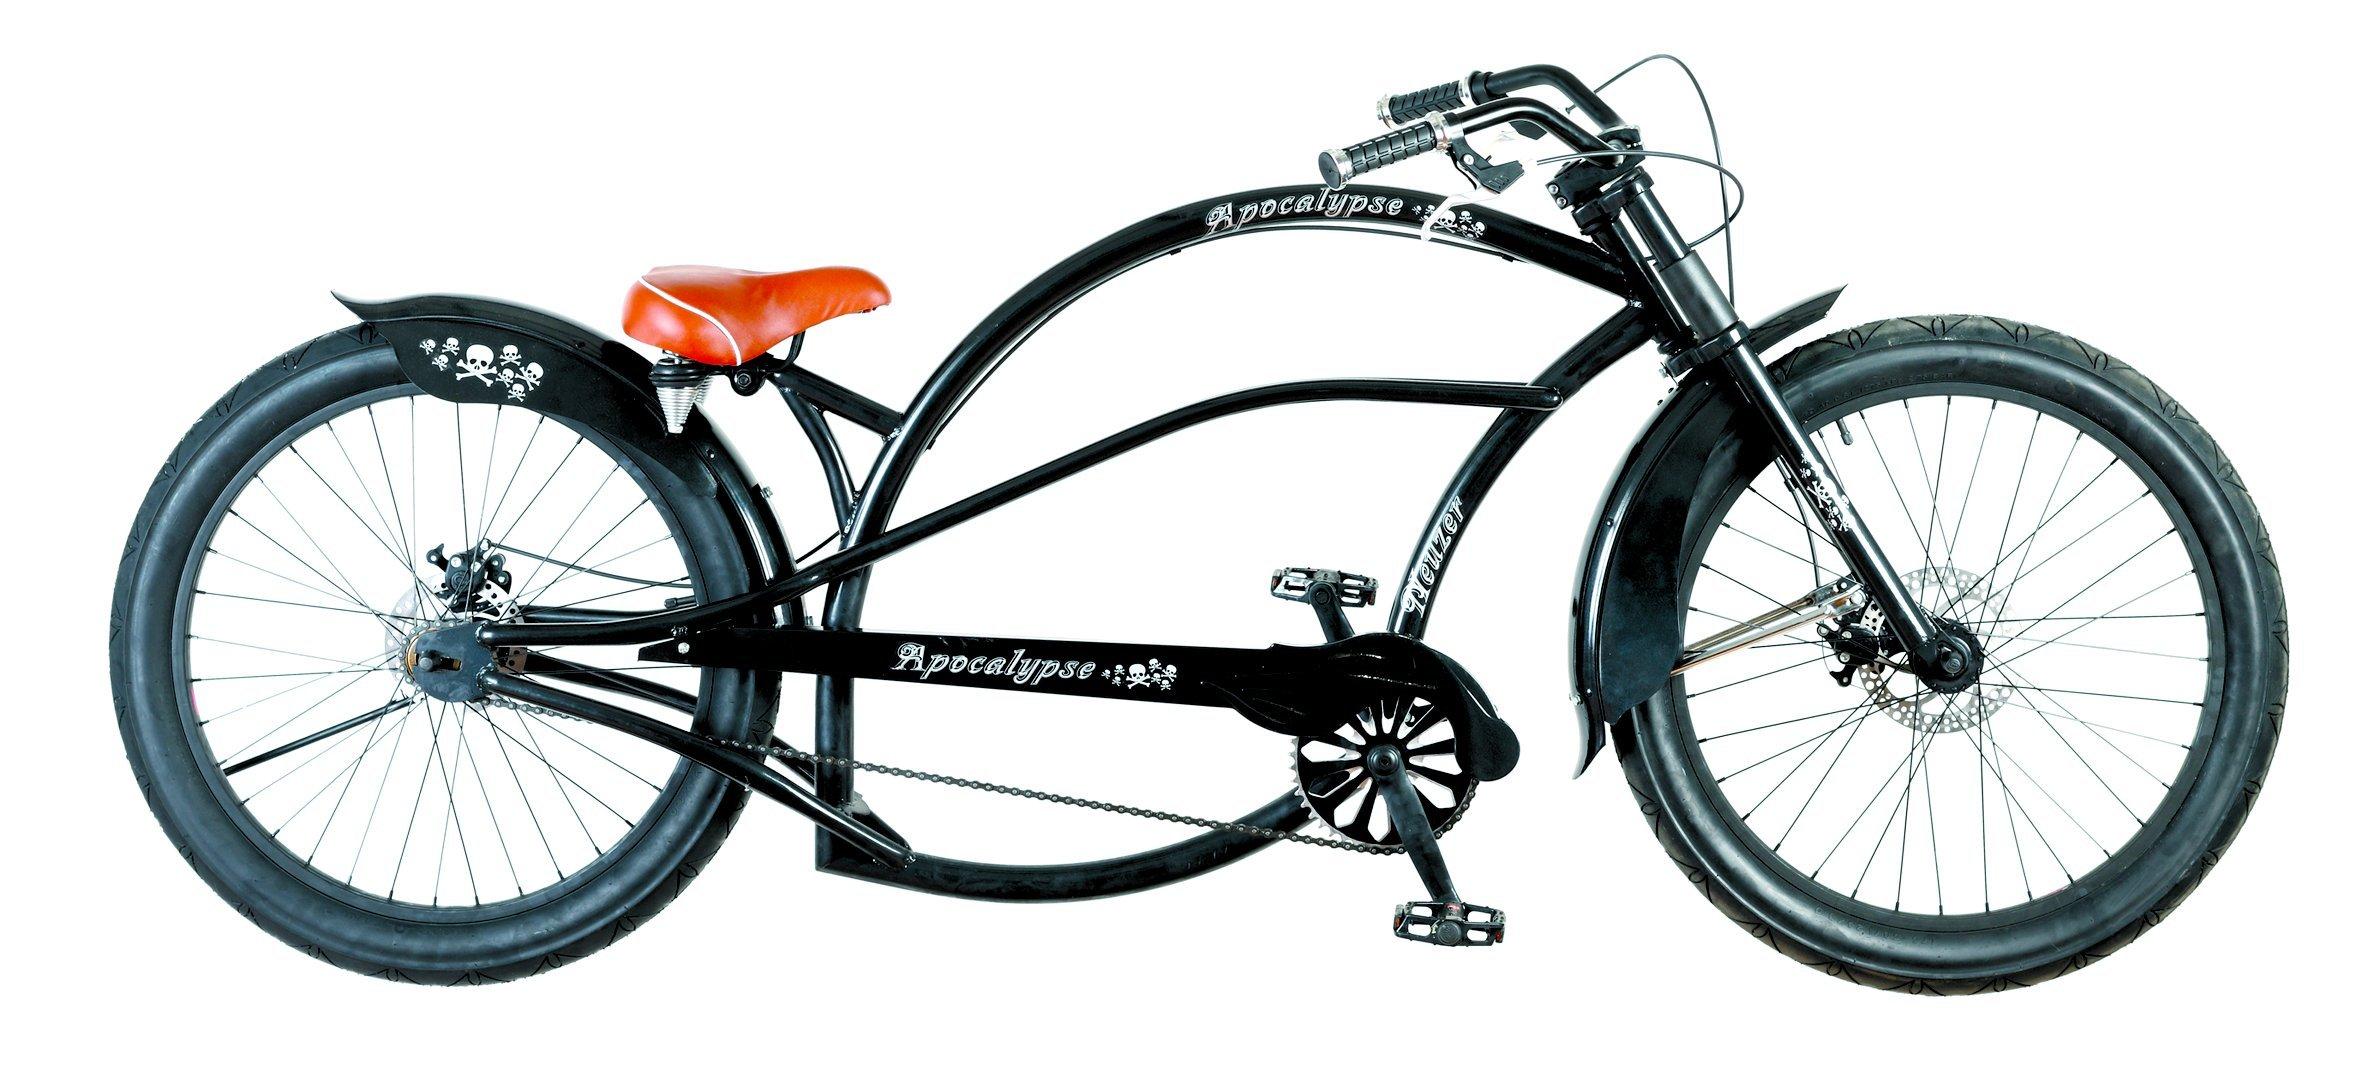 Bicicleta Custom Chopper, rueda 24x3.0, frenos de disco, asiento ...